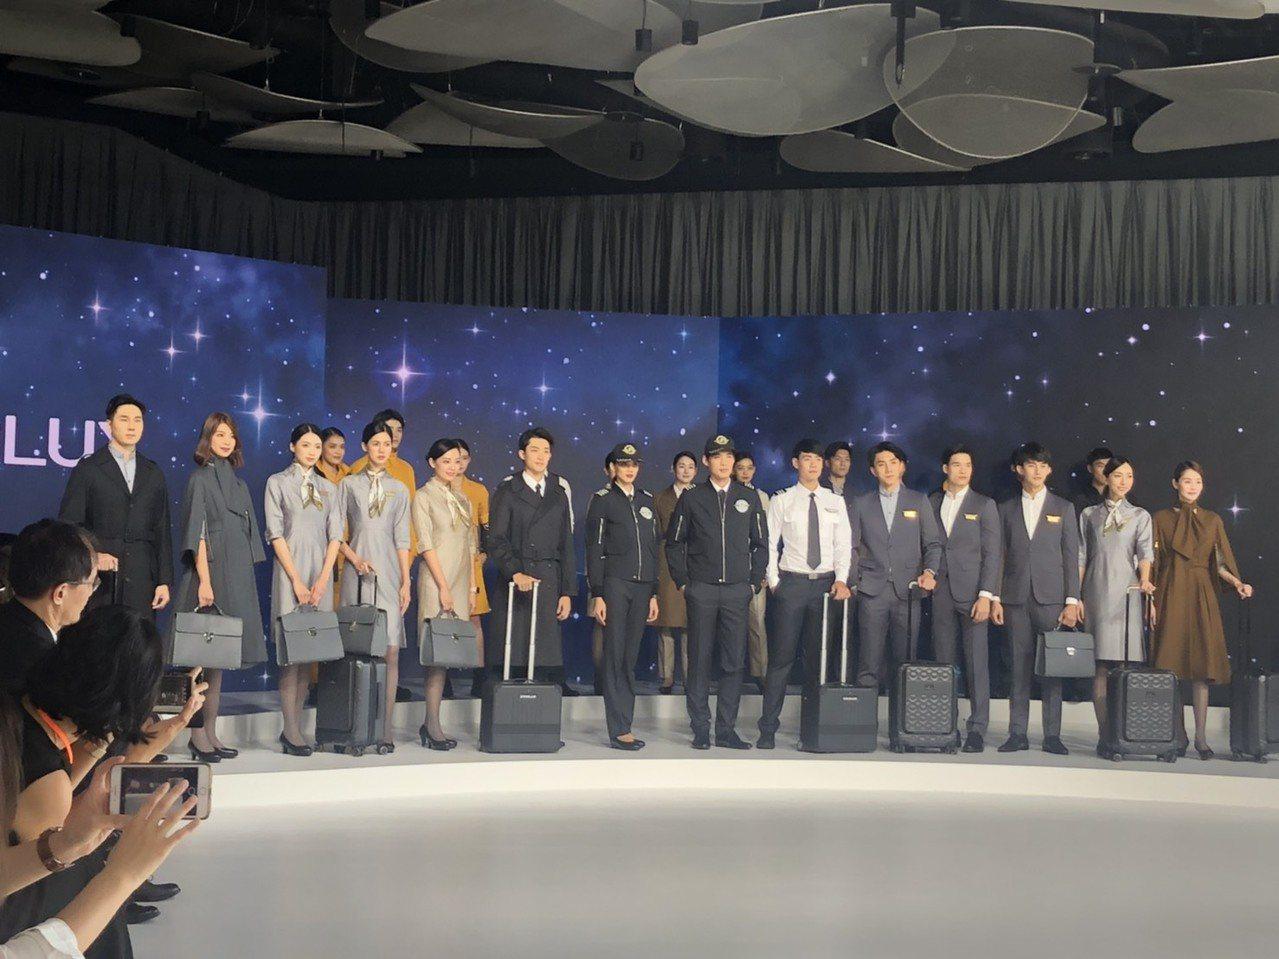 星宇航空今天盛大舉行的「JX Style制服暨機艙發表會」。記者侯俐安/攝影